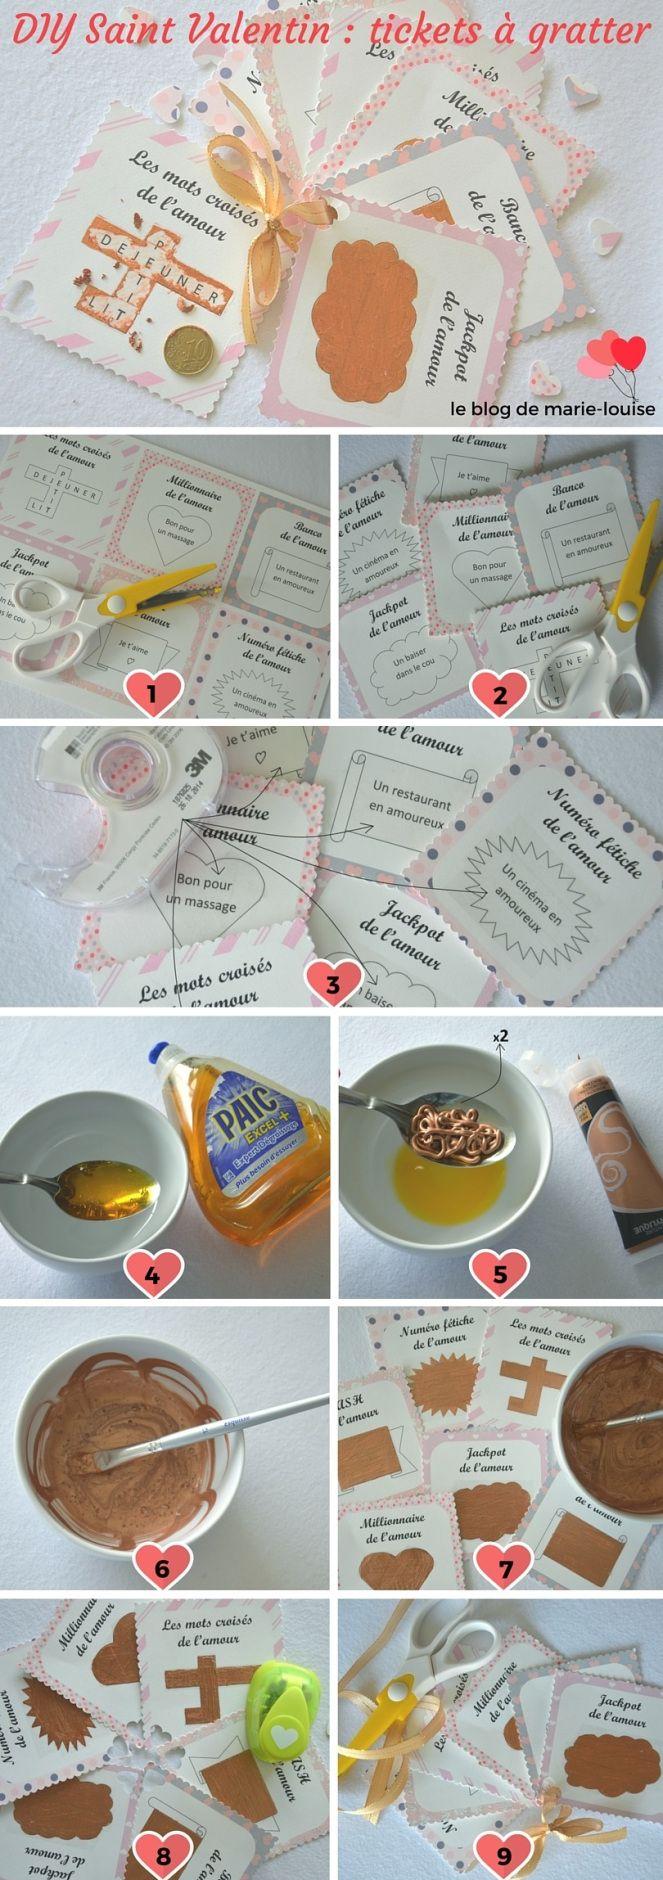 DIY Saint Valentin : bons de l'amour façon tickets à gratter